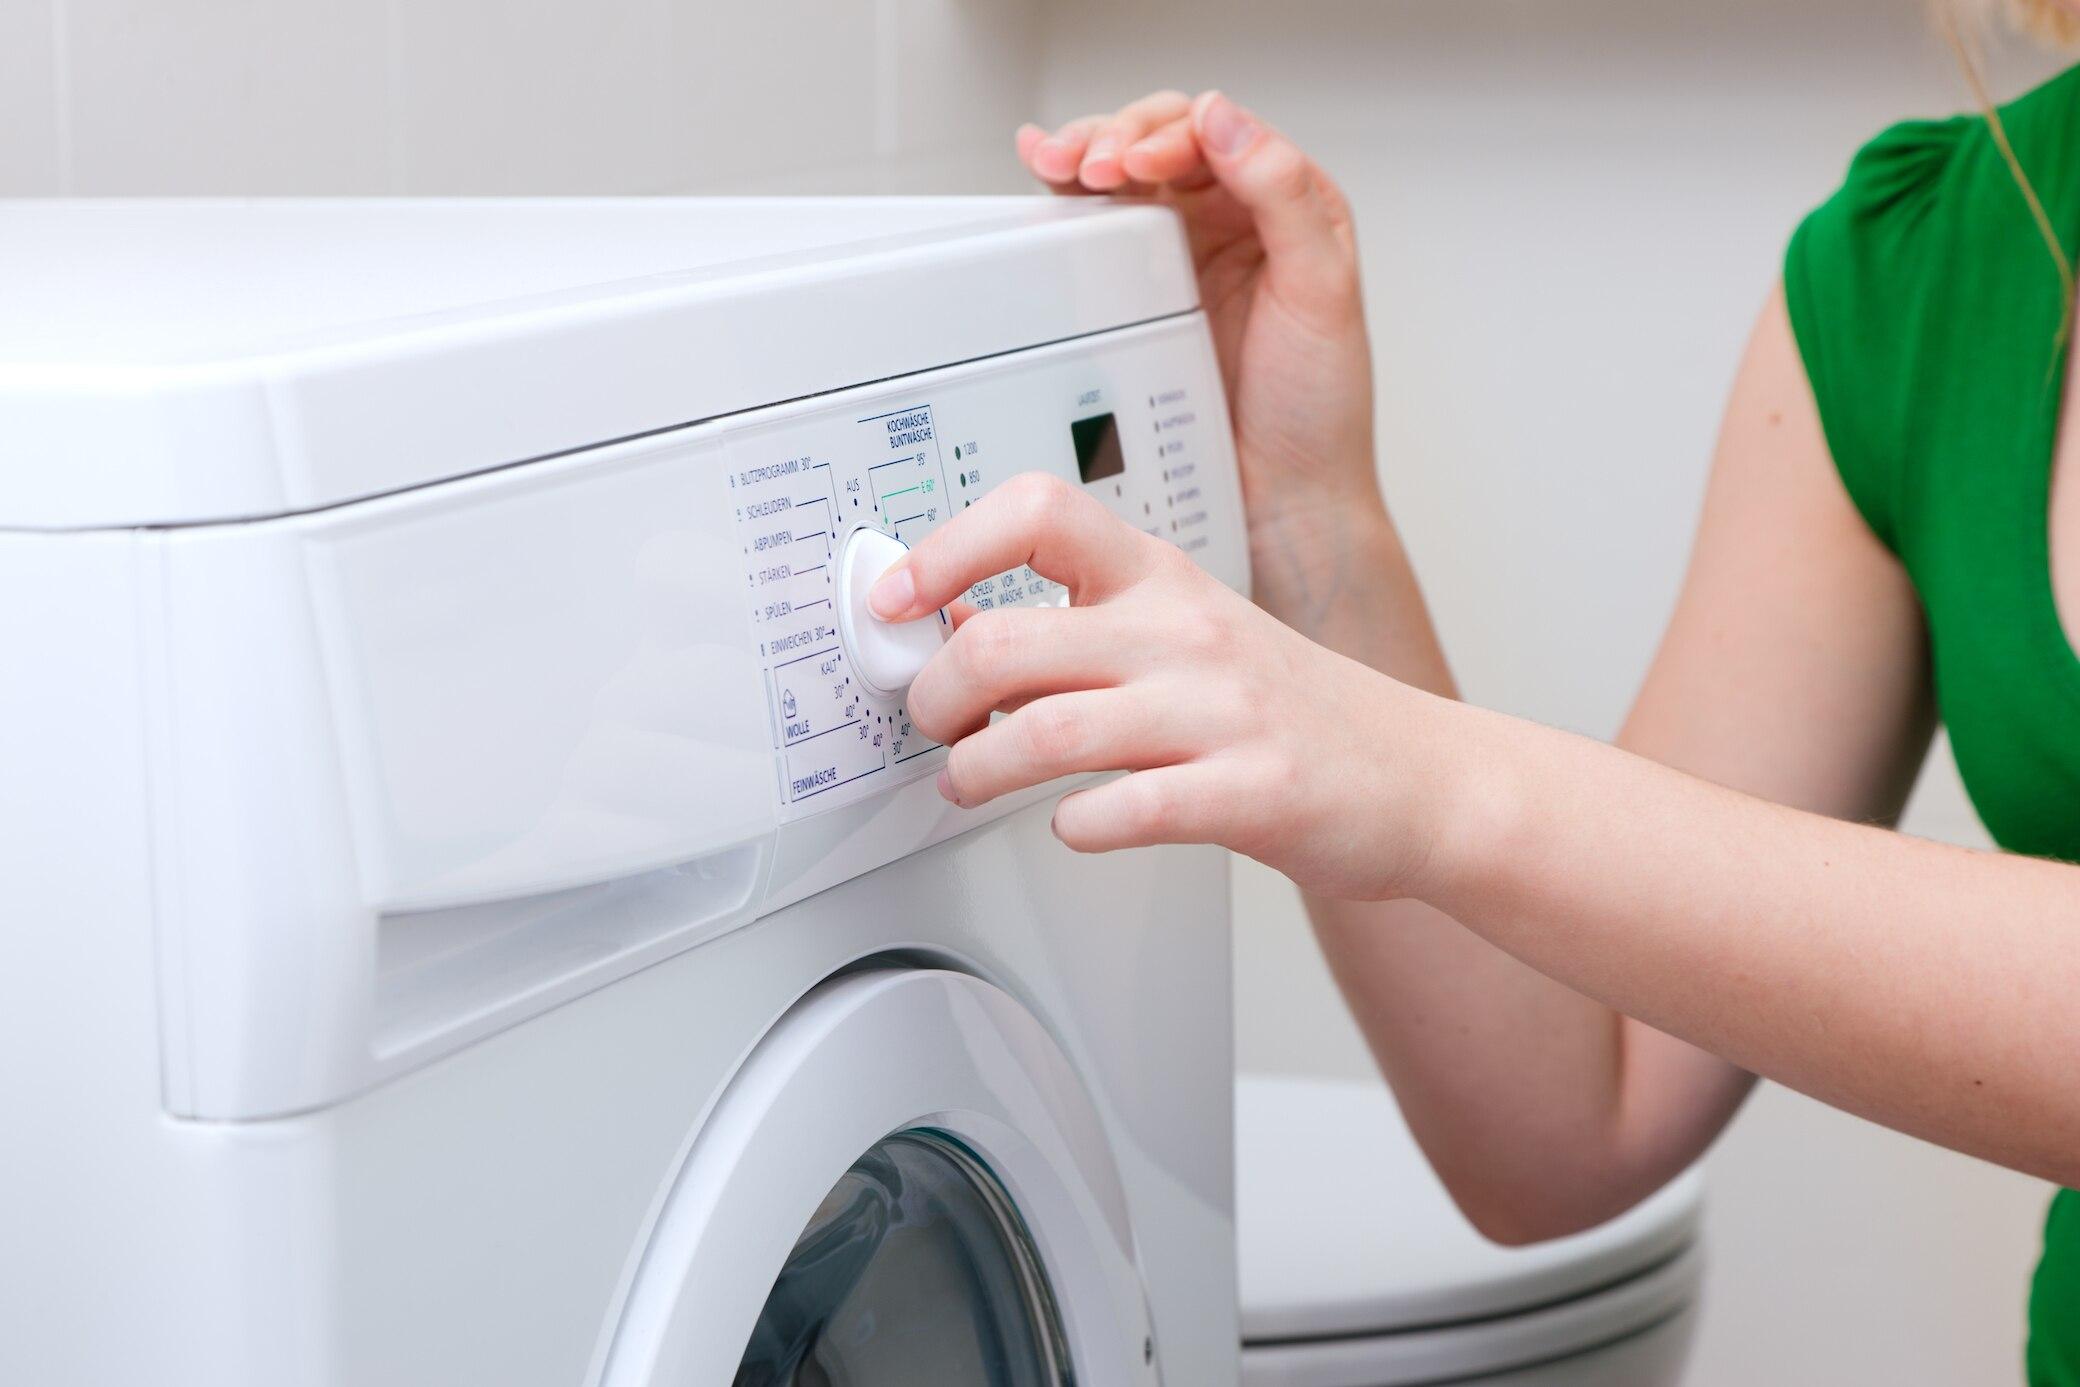 Waschen Bei Hohen Temperaturen Darum Ist 60 Grad Unnötig Stylebook